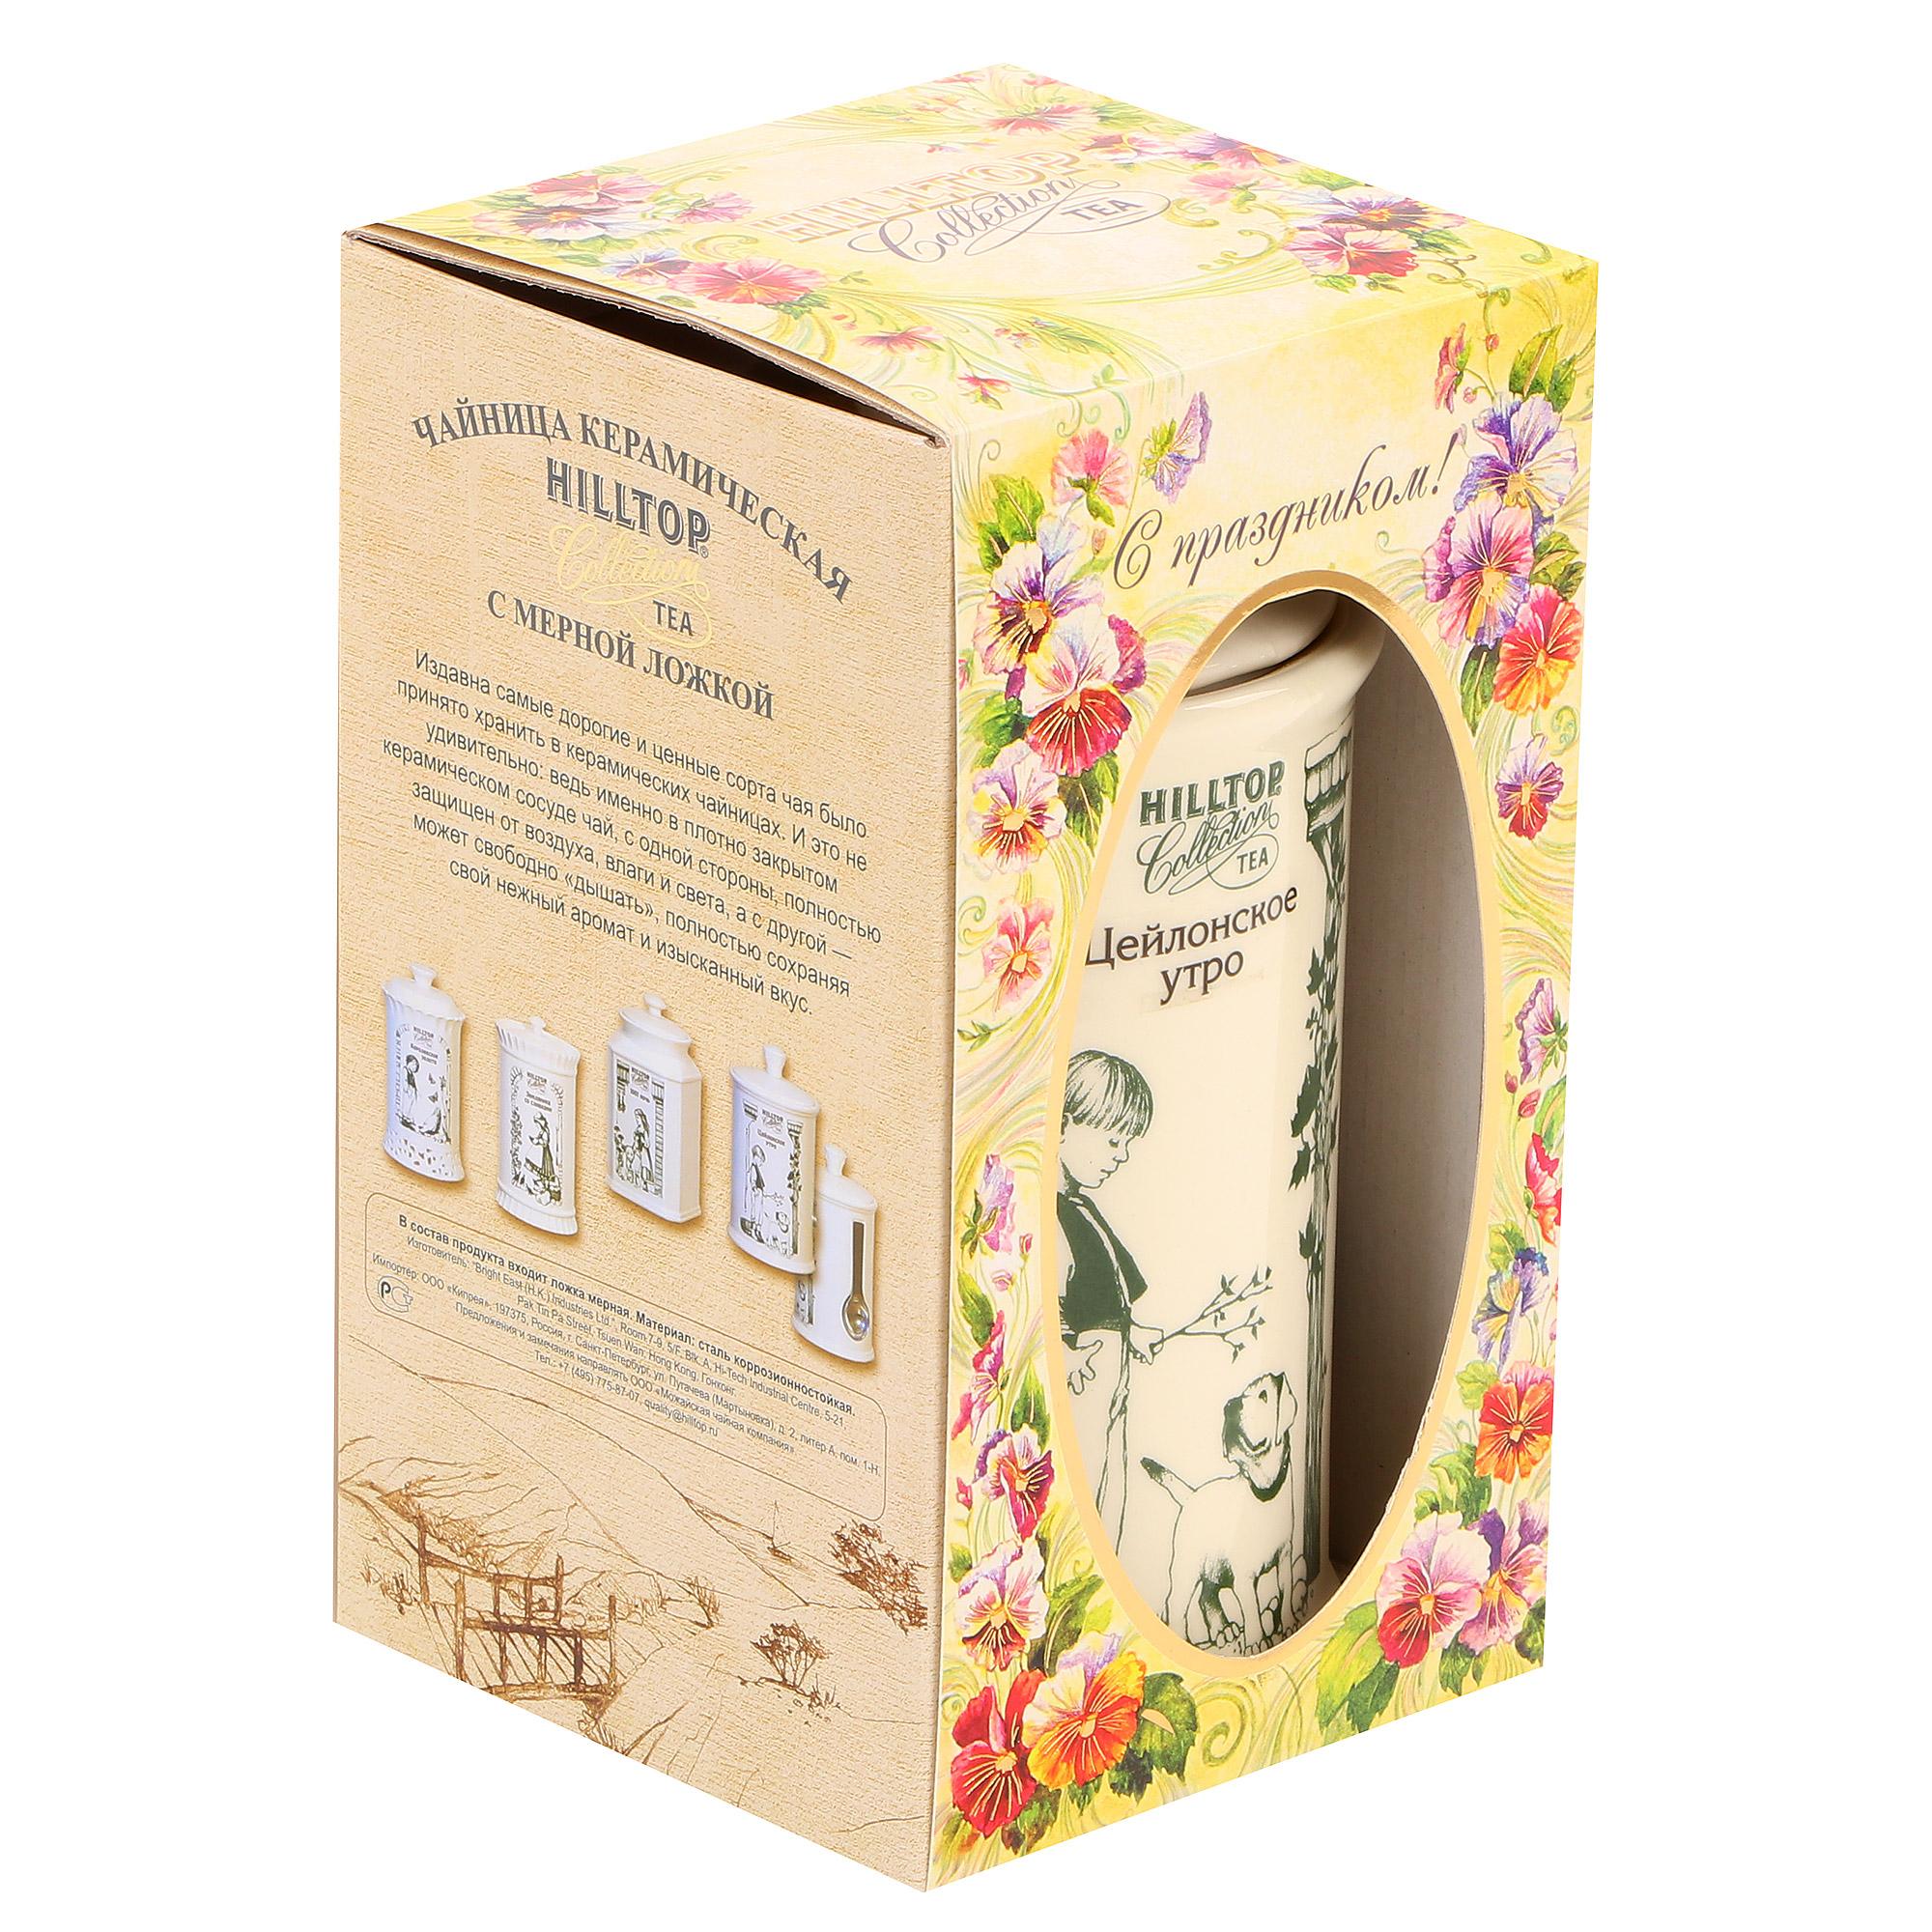 hilltop 1001 ночь ароматизированный листовой чай 125 г Чай черный Hilltop Ceylon Morning 125 г